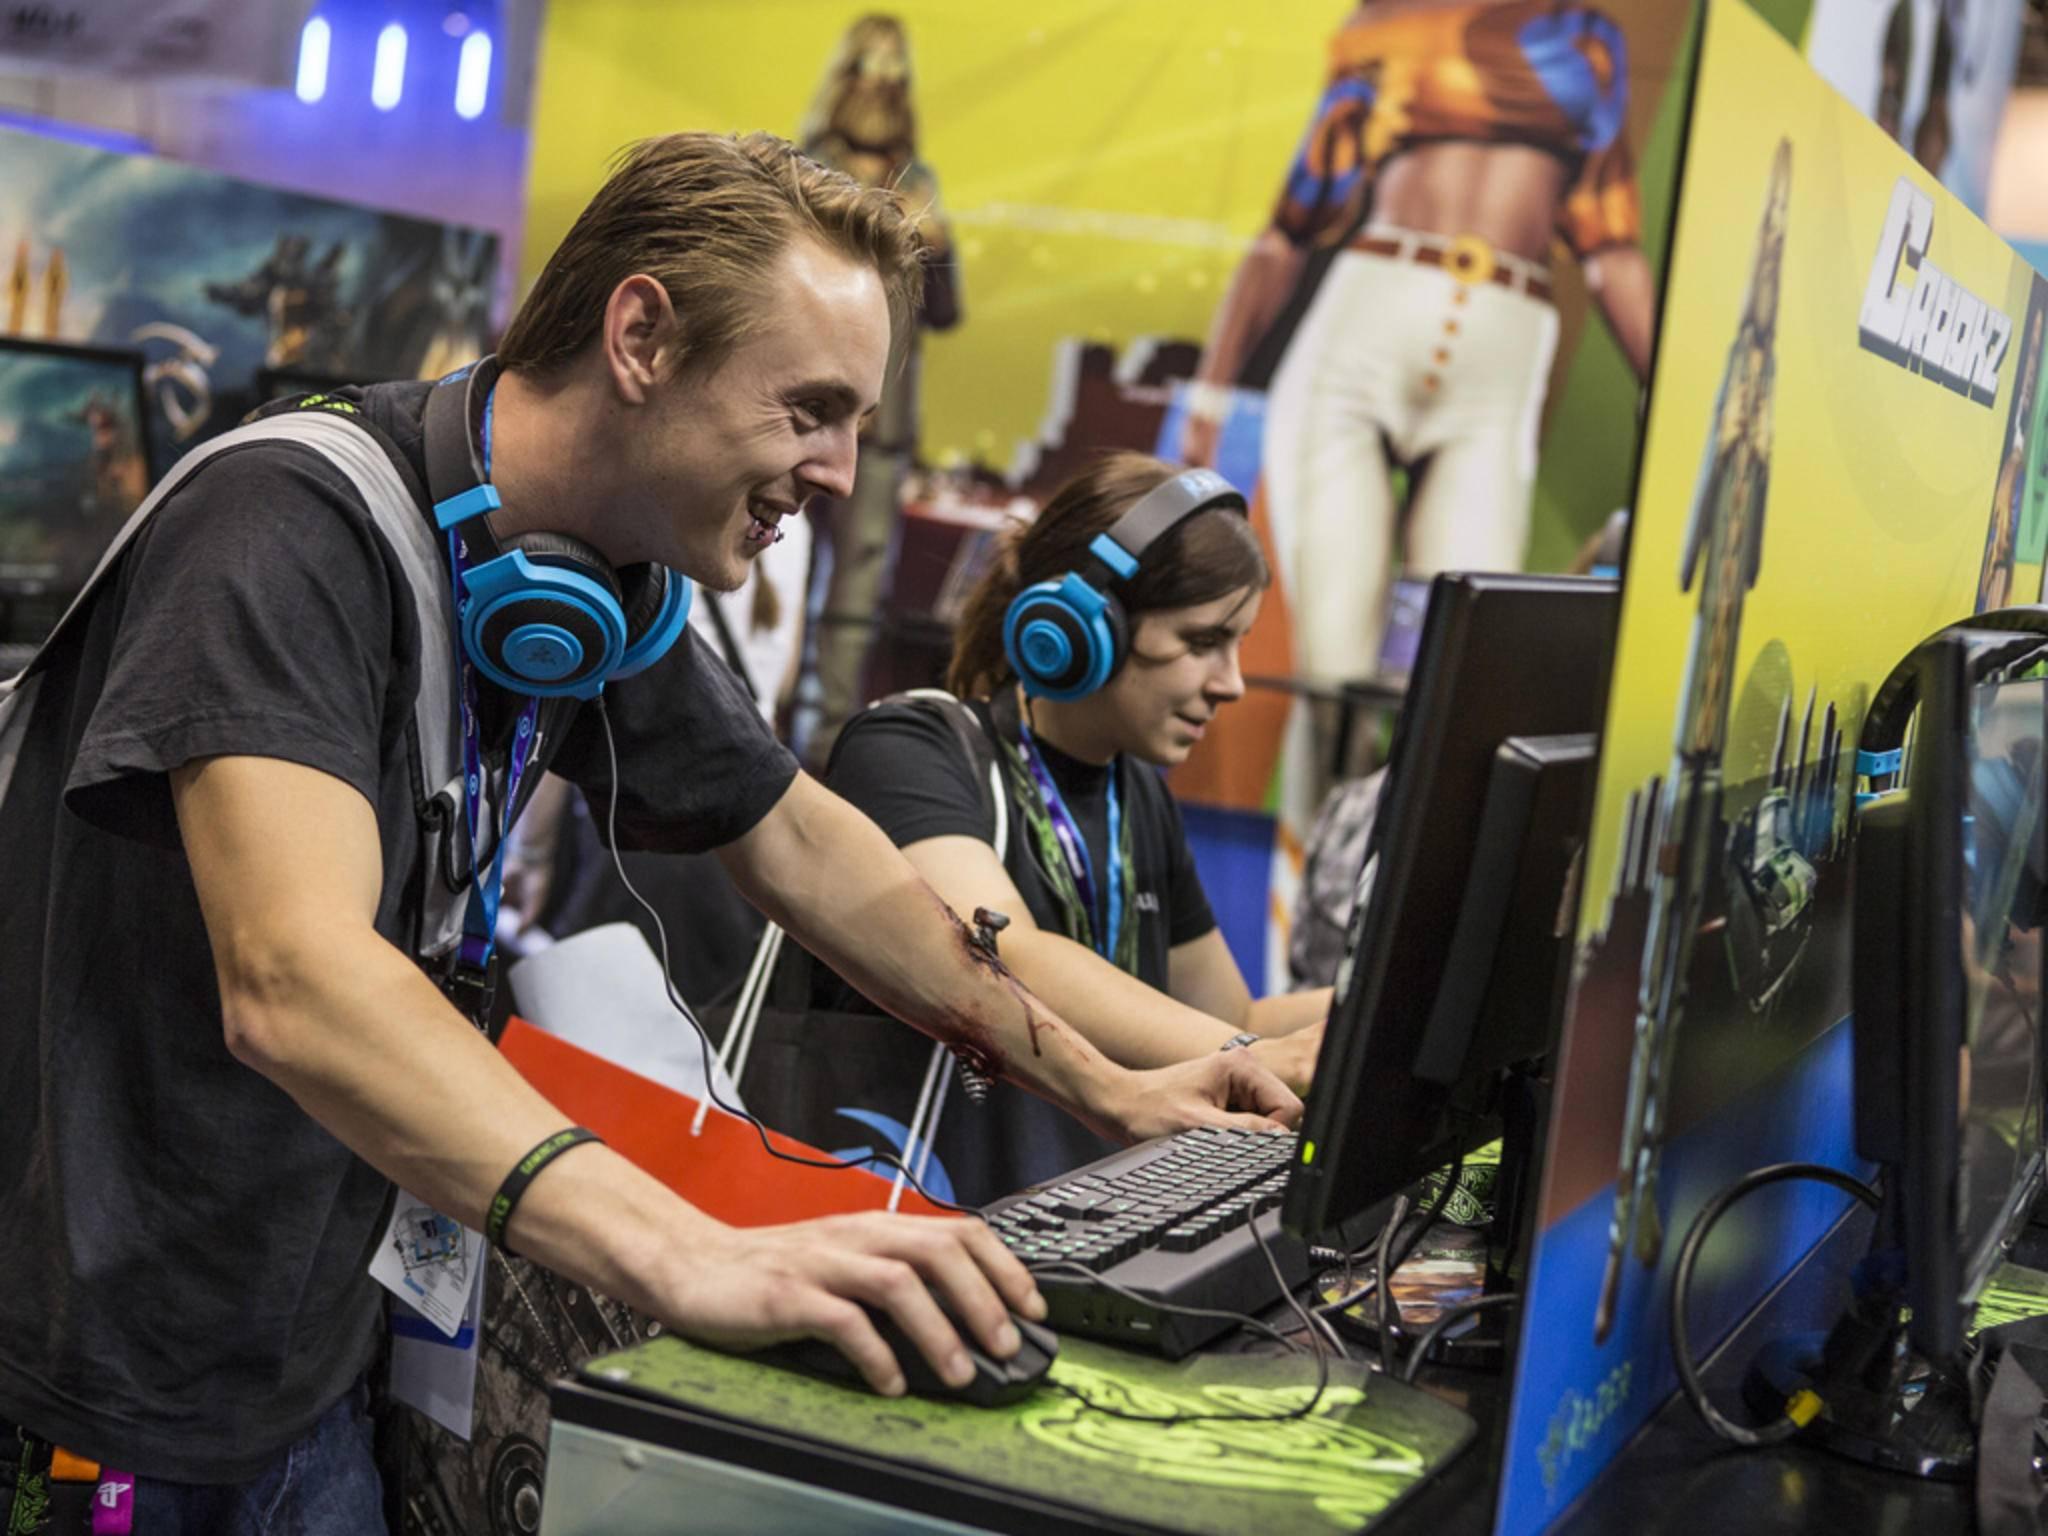 Auf der Gamescom können die Fans viele Spiele ausprobieren und antesten.